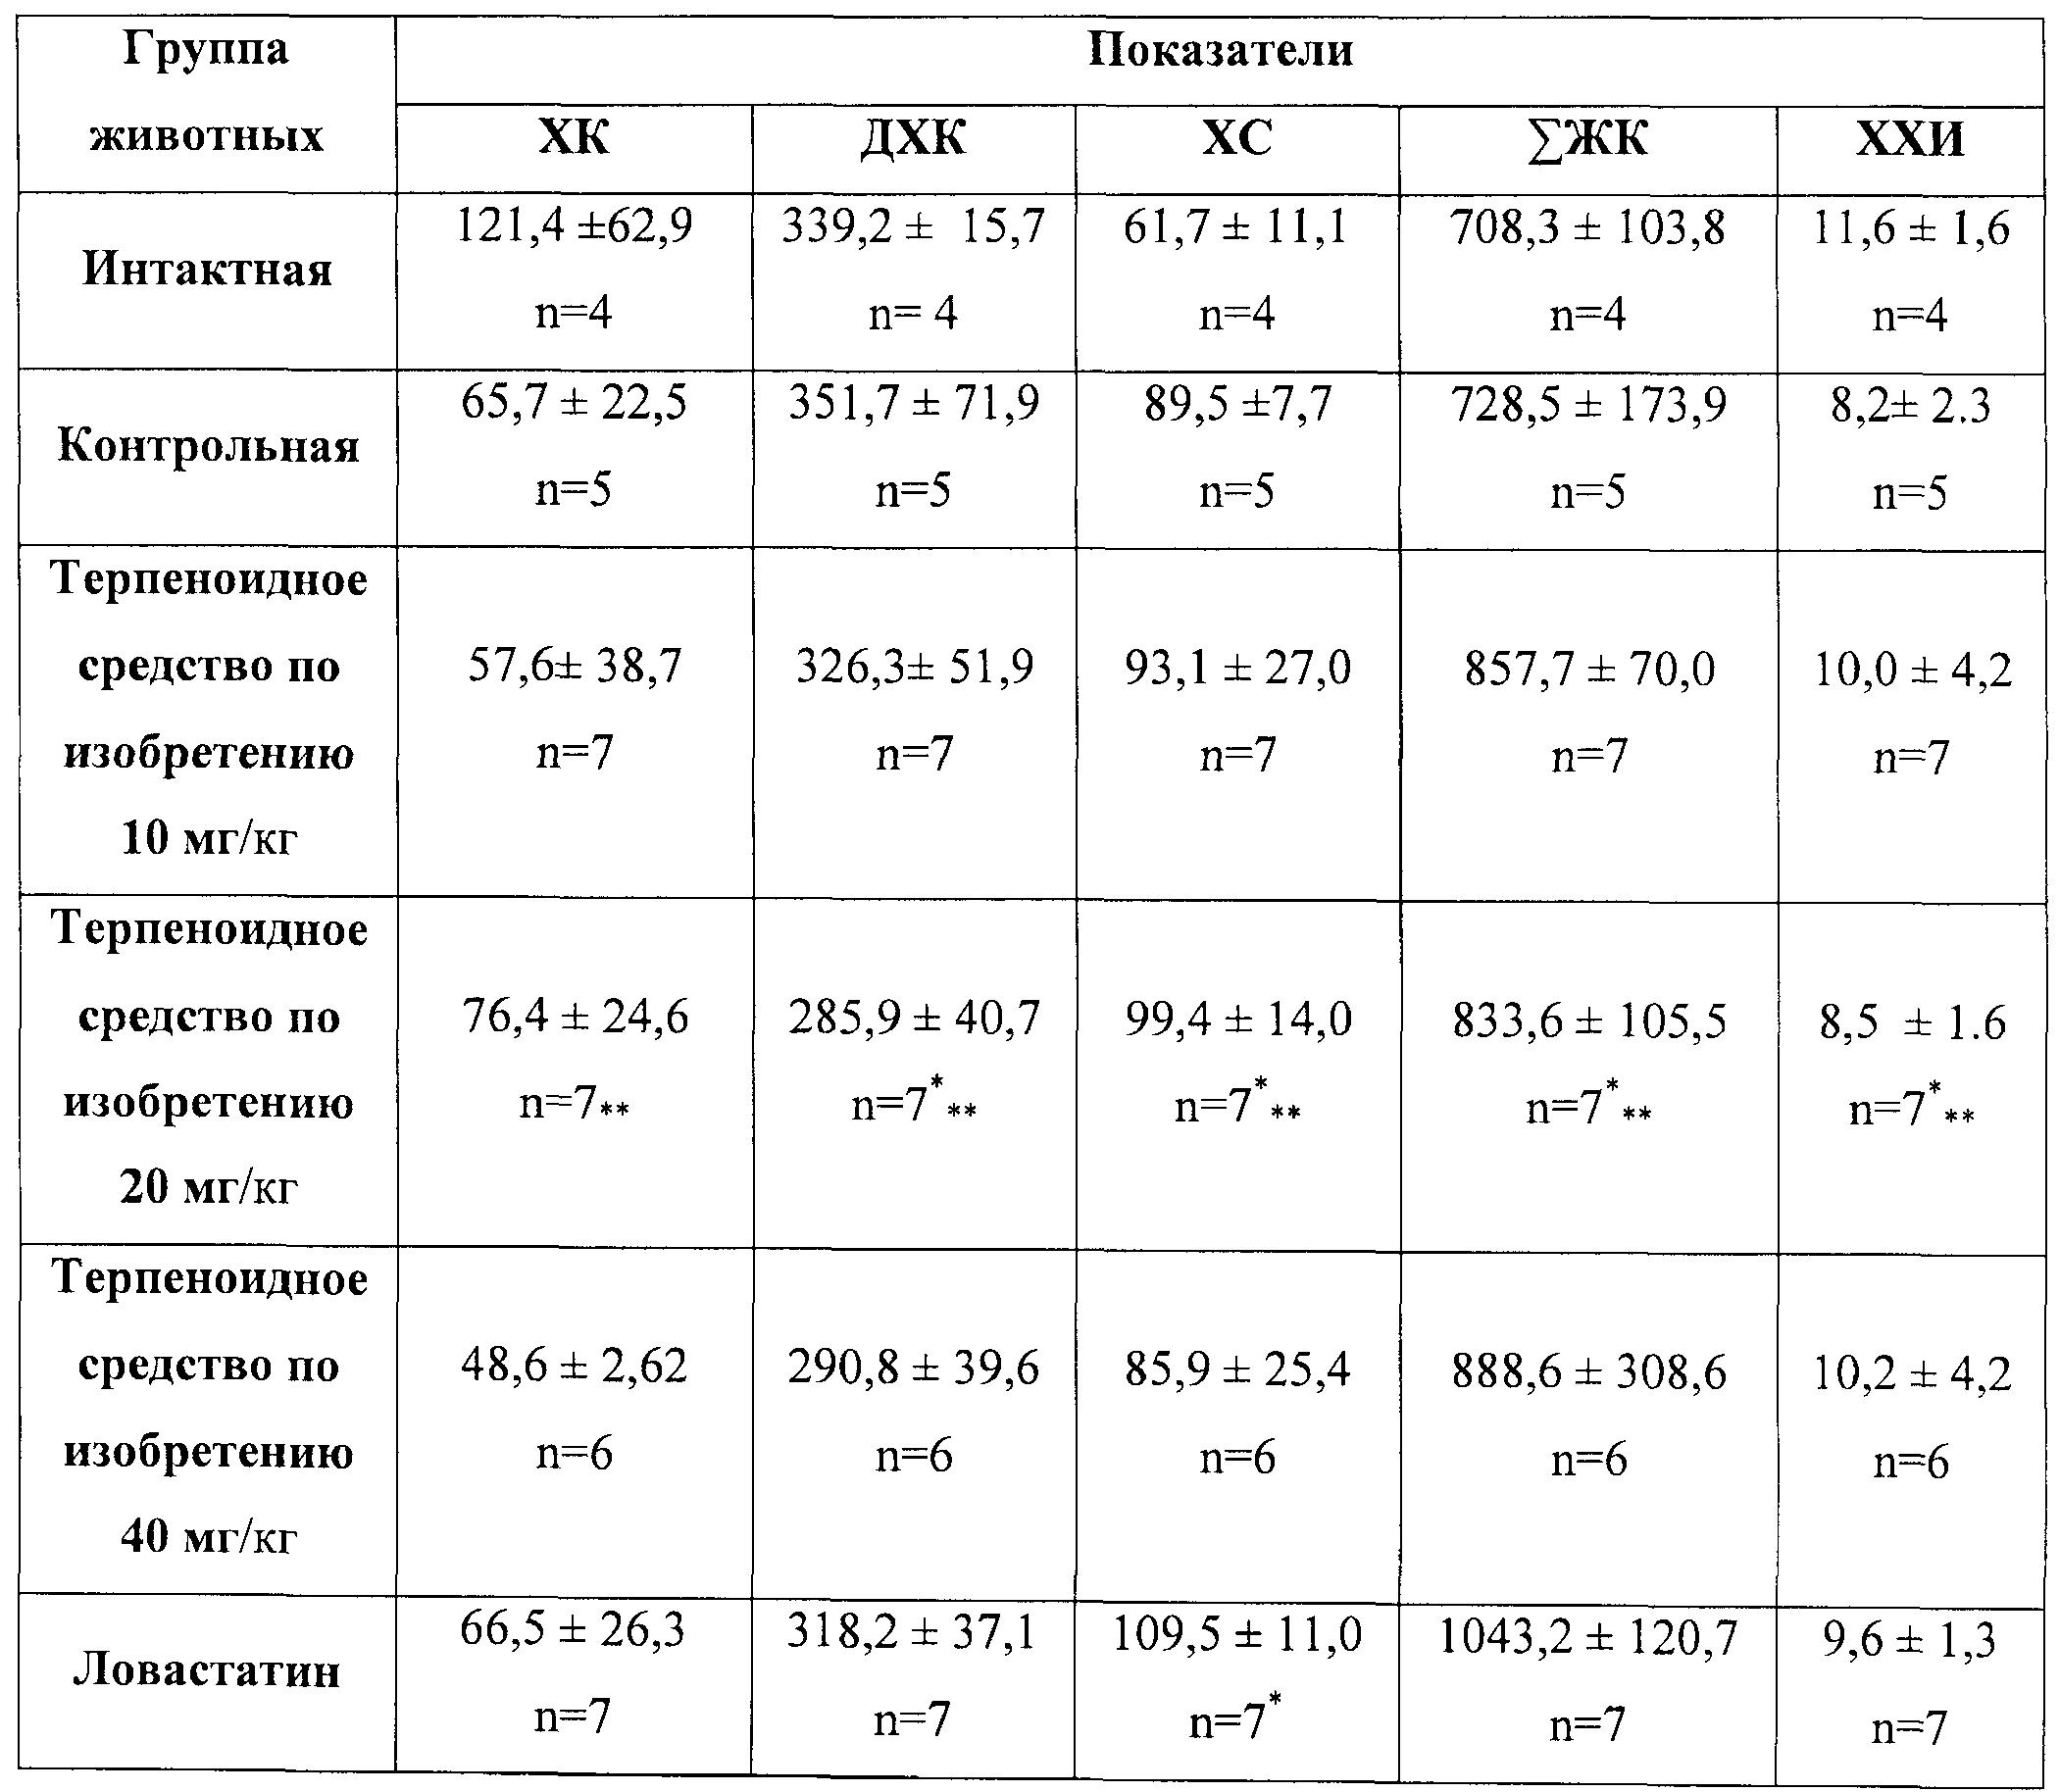 как уменьшить холестерин в организме лекарства